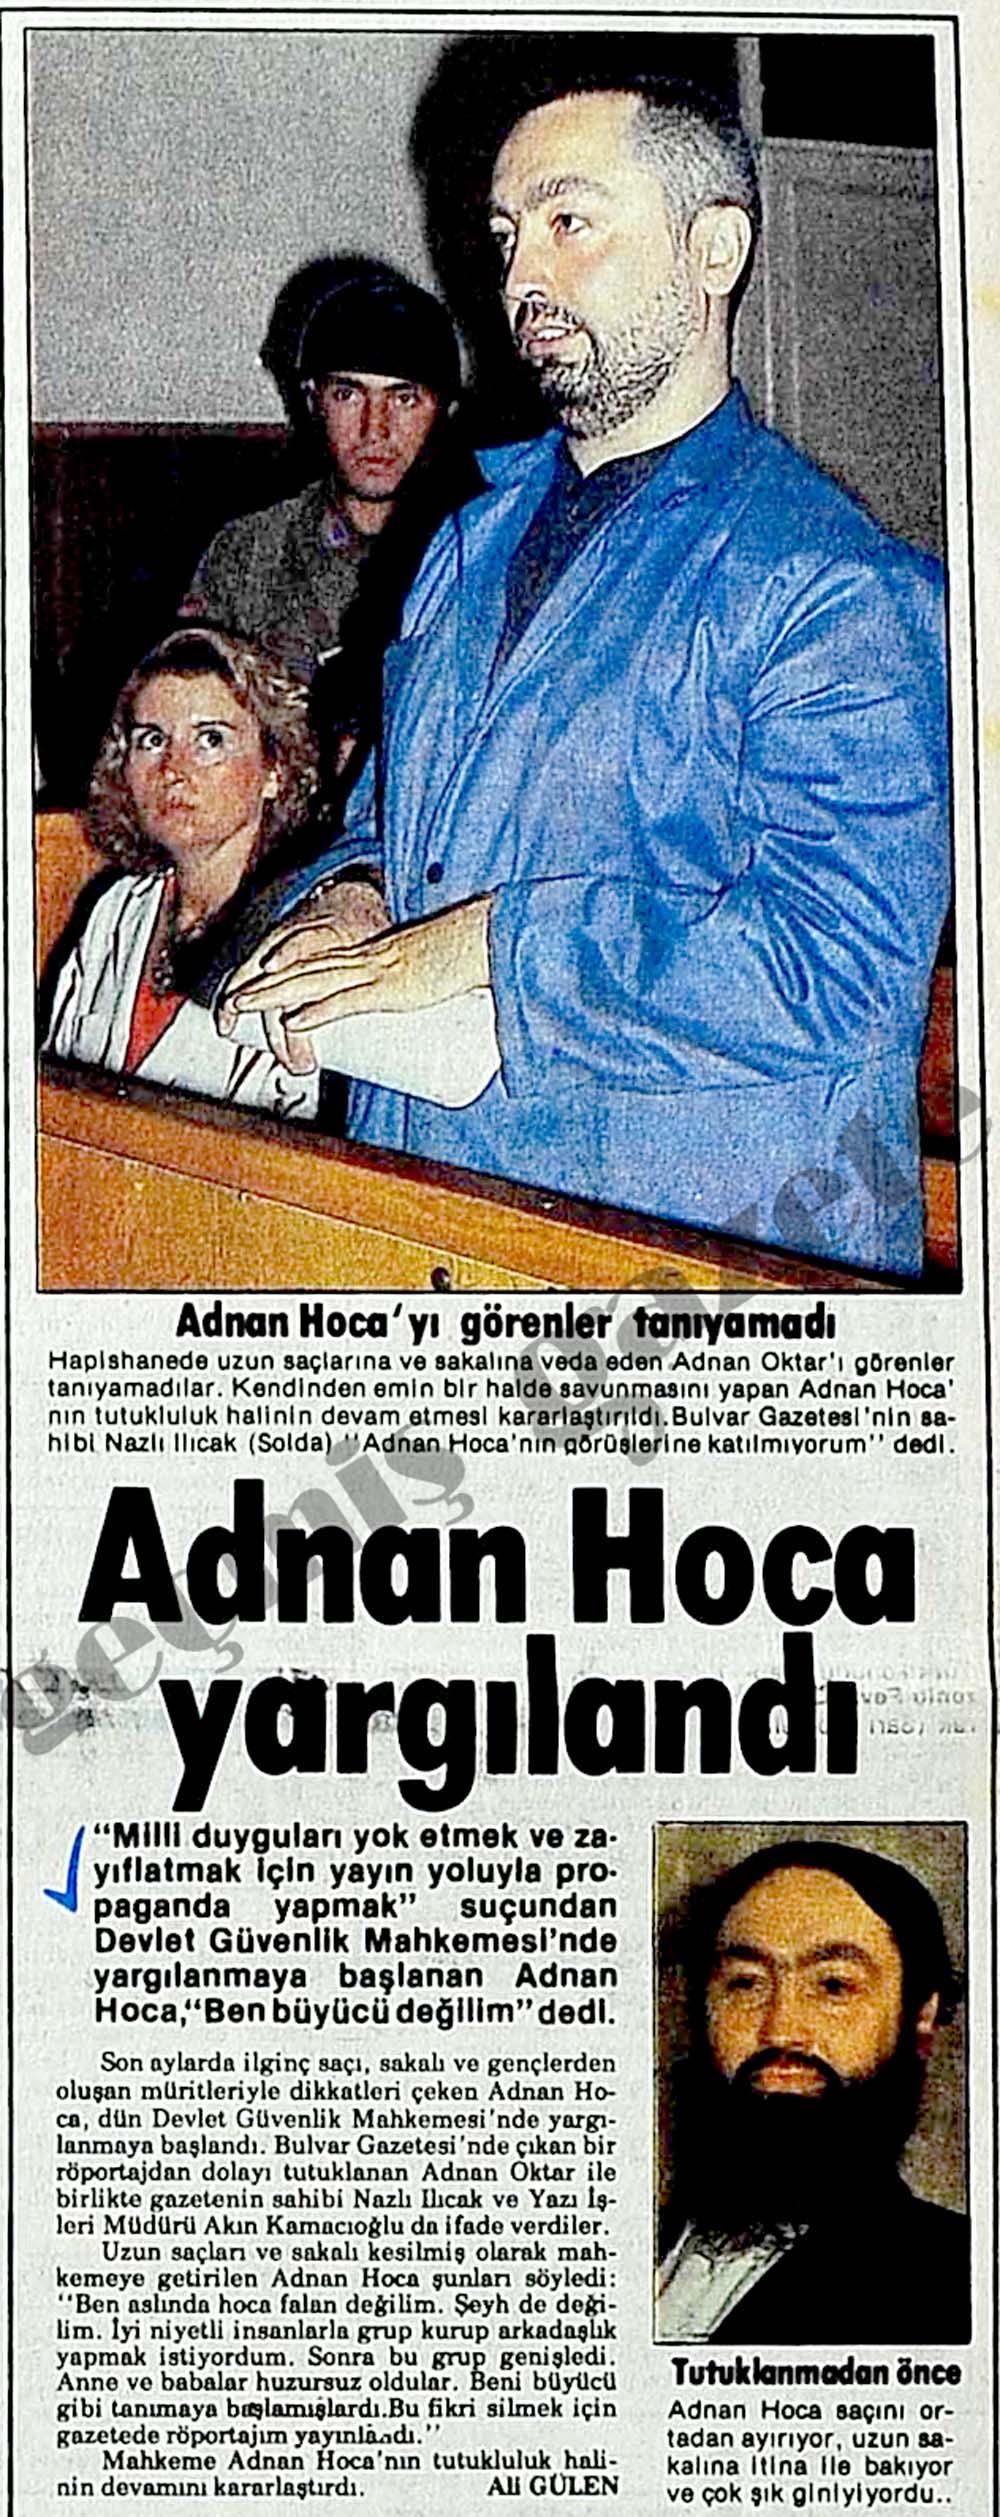 Adnan Hoca yargılandı